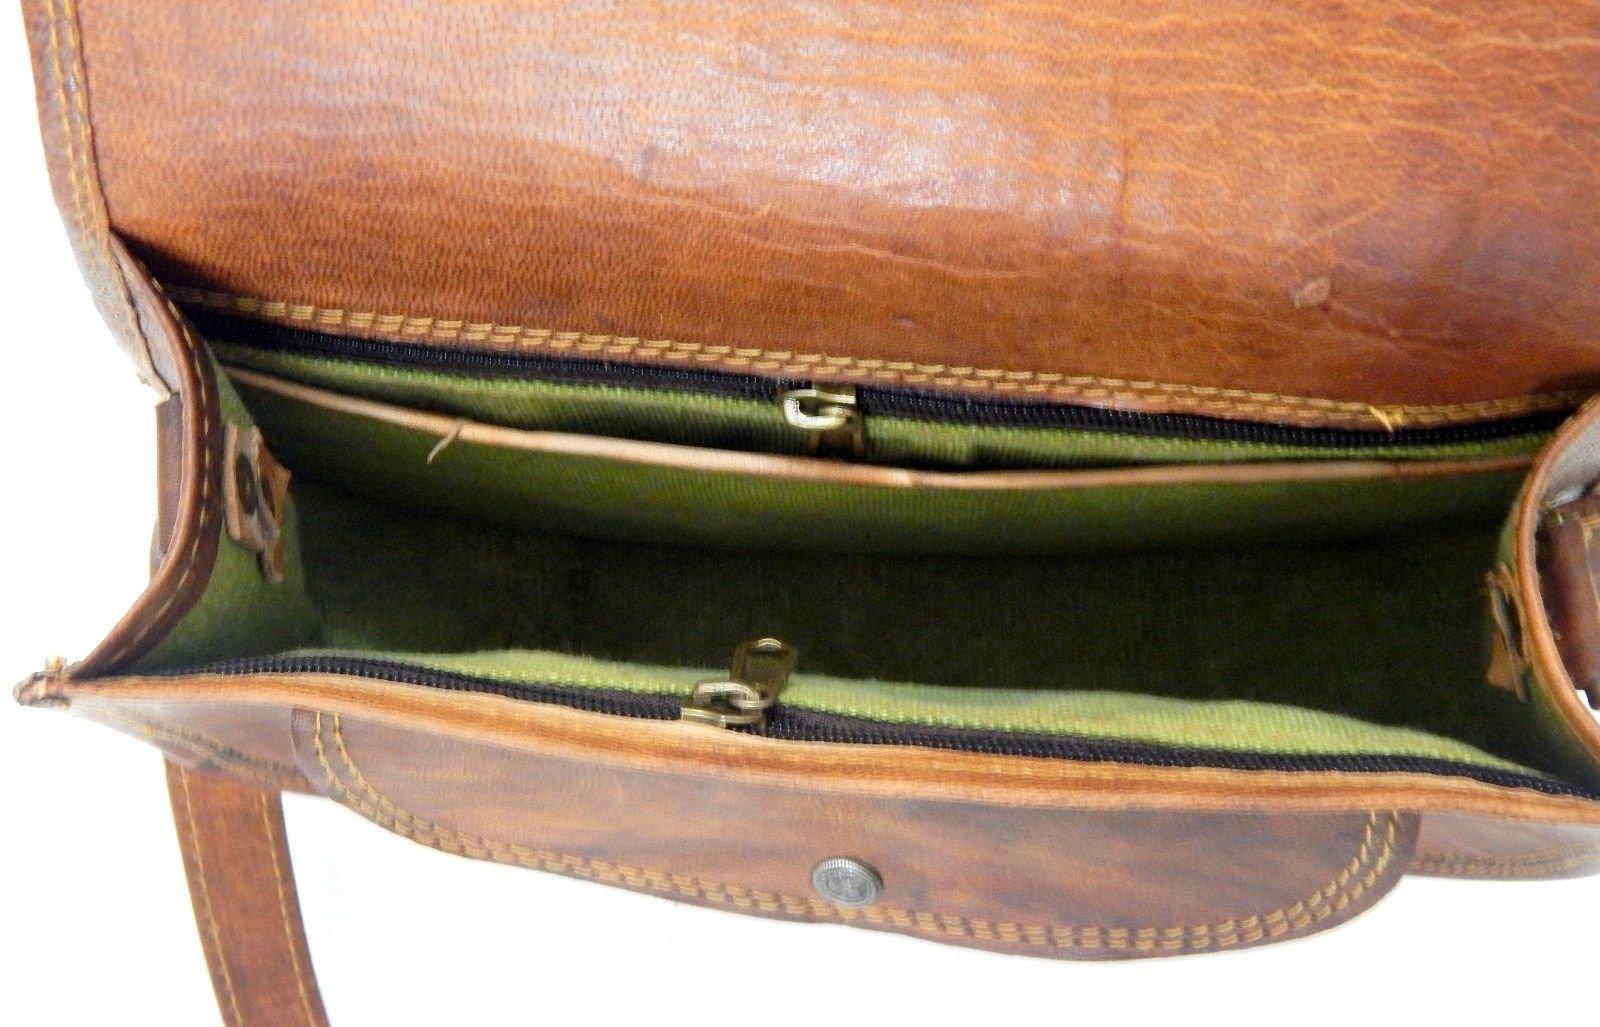 Vintage Handmade Leather Messenger Bag for Laptop Briefcase Best Computer Satchel School distressed Bag (18 INCH) by jsm (Image #5)